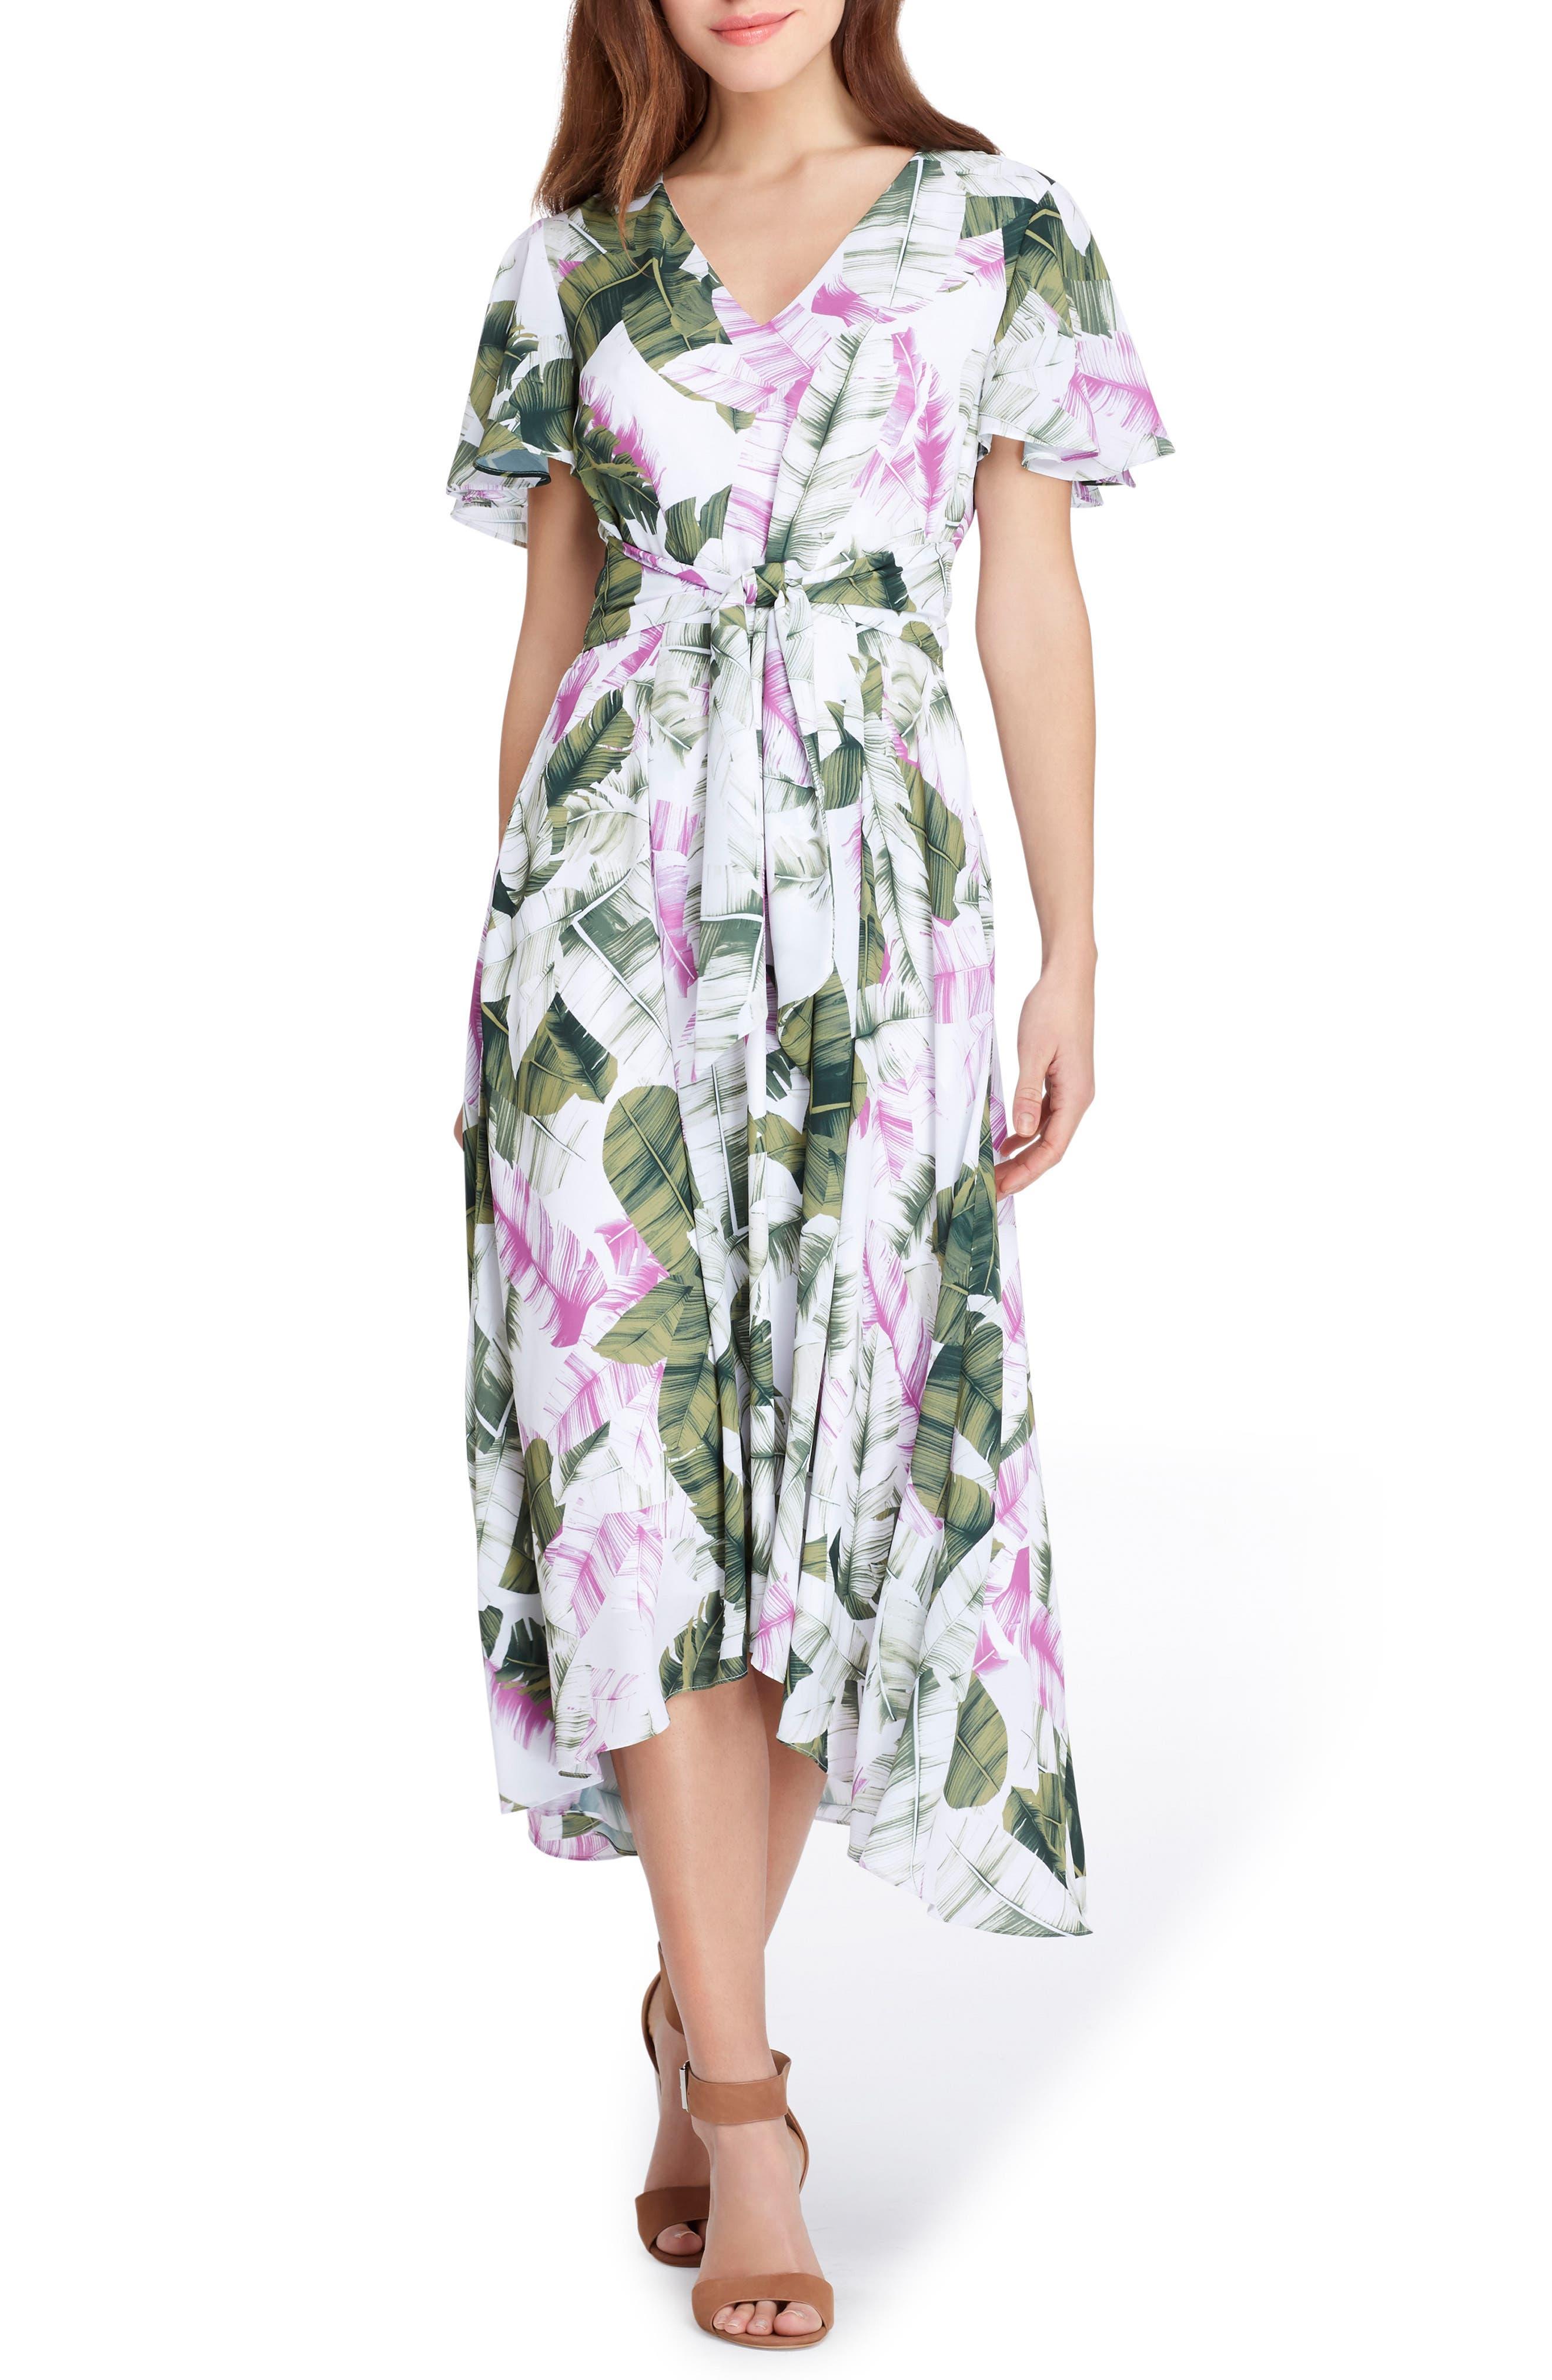 Tahari Palm Print High/Low Midi Dress